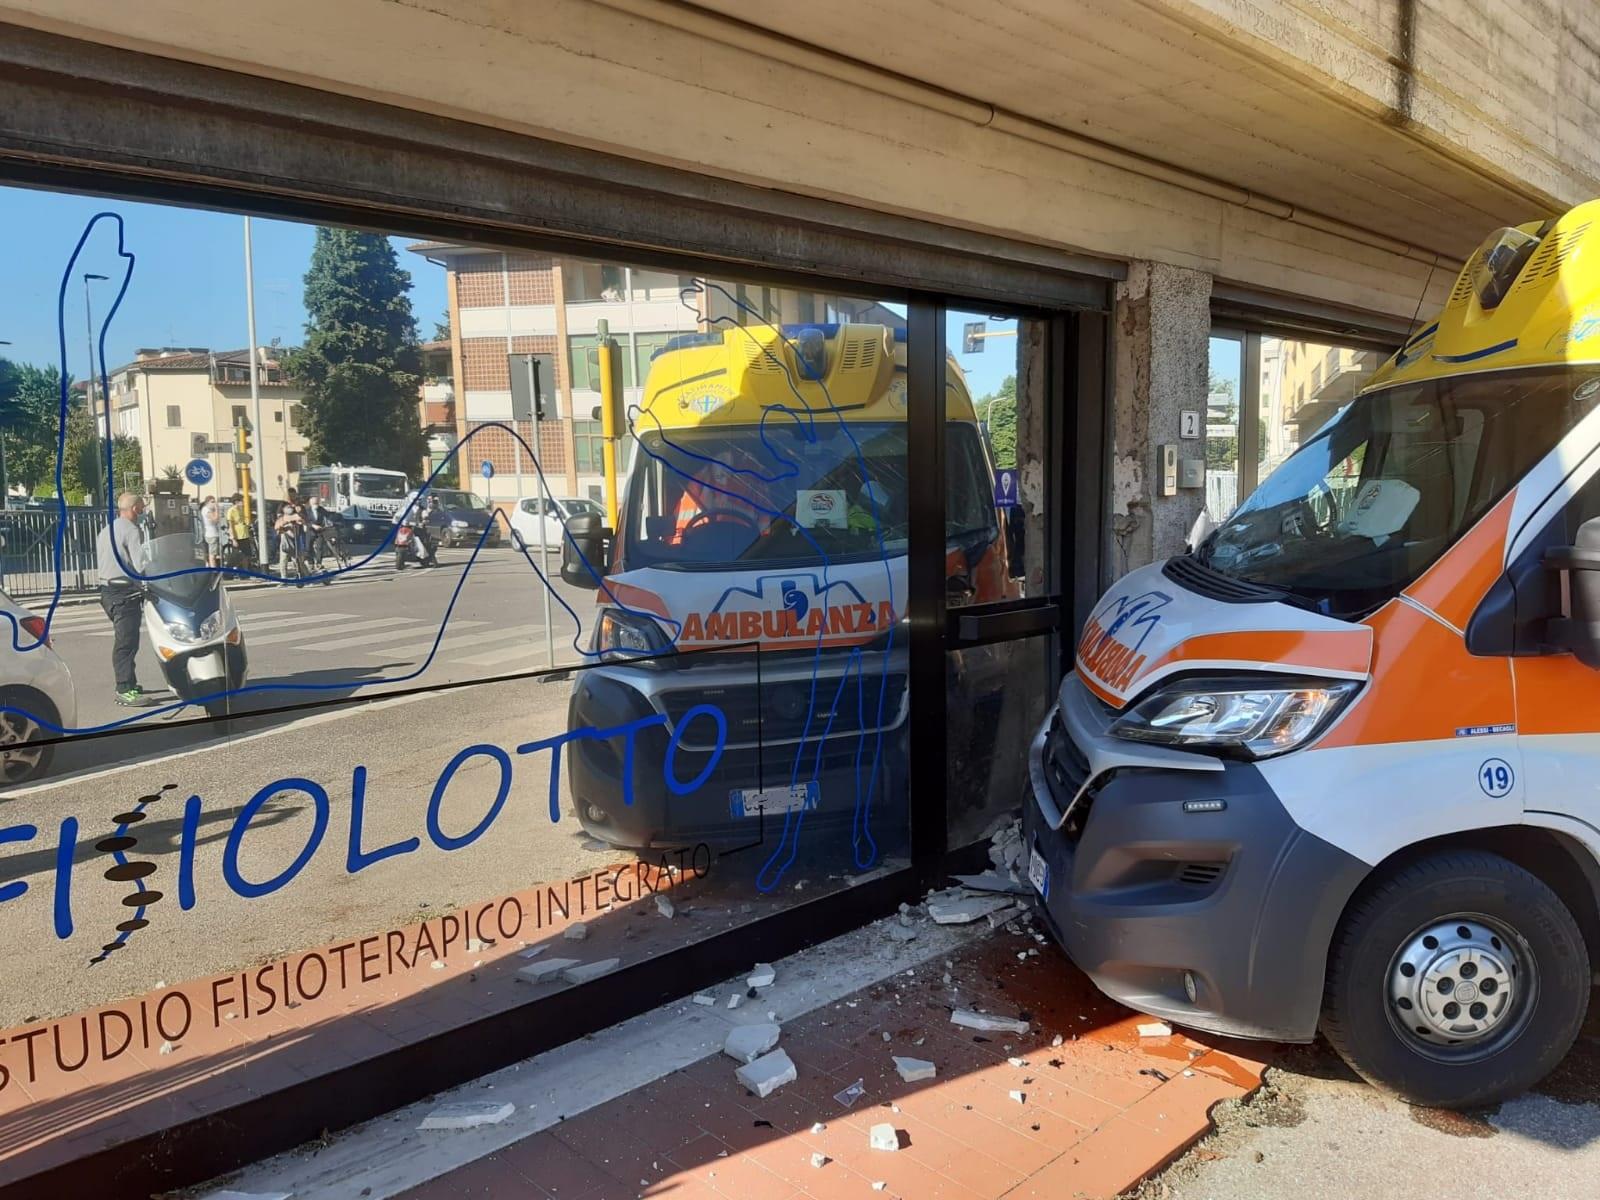 incidente ambulanza via pio fedi (4)